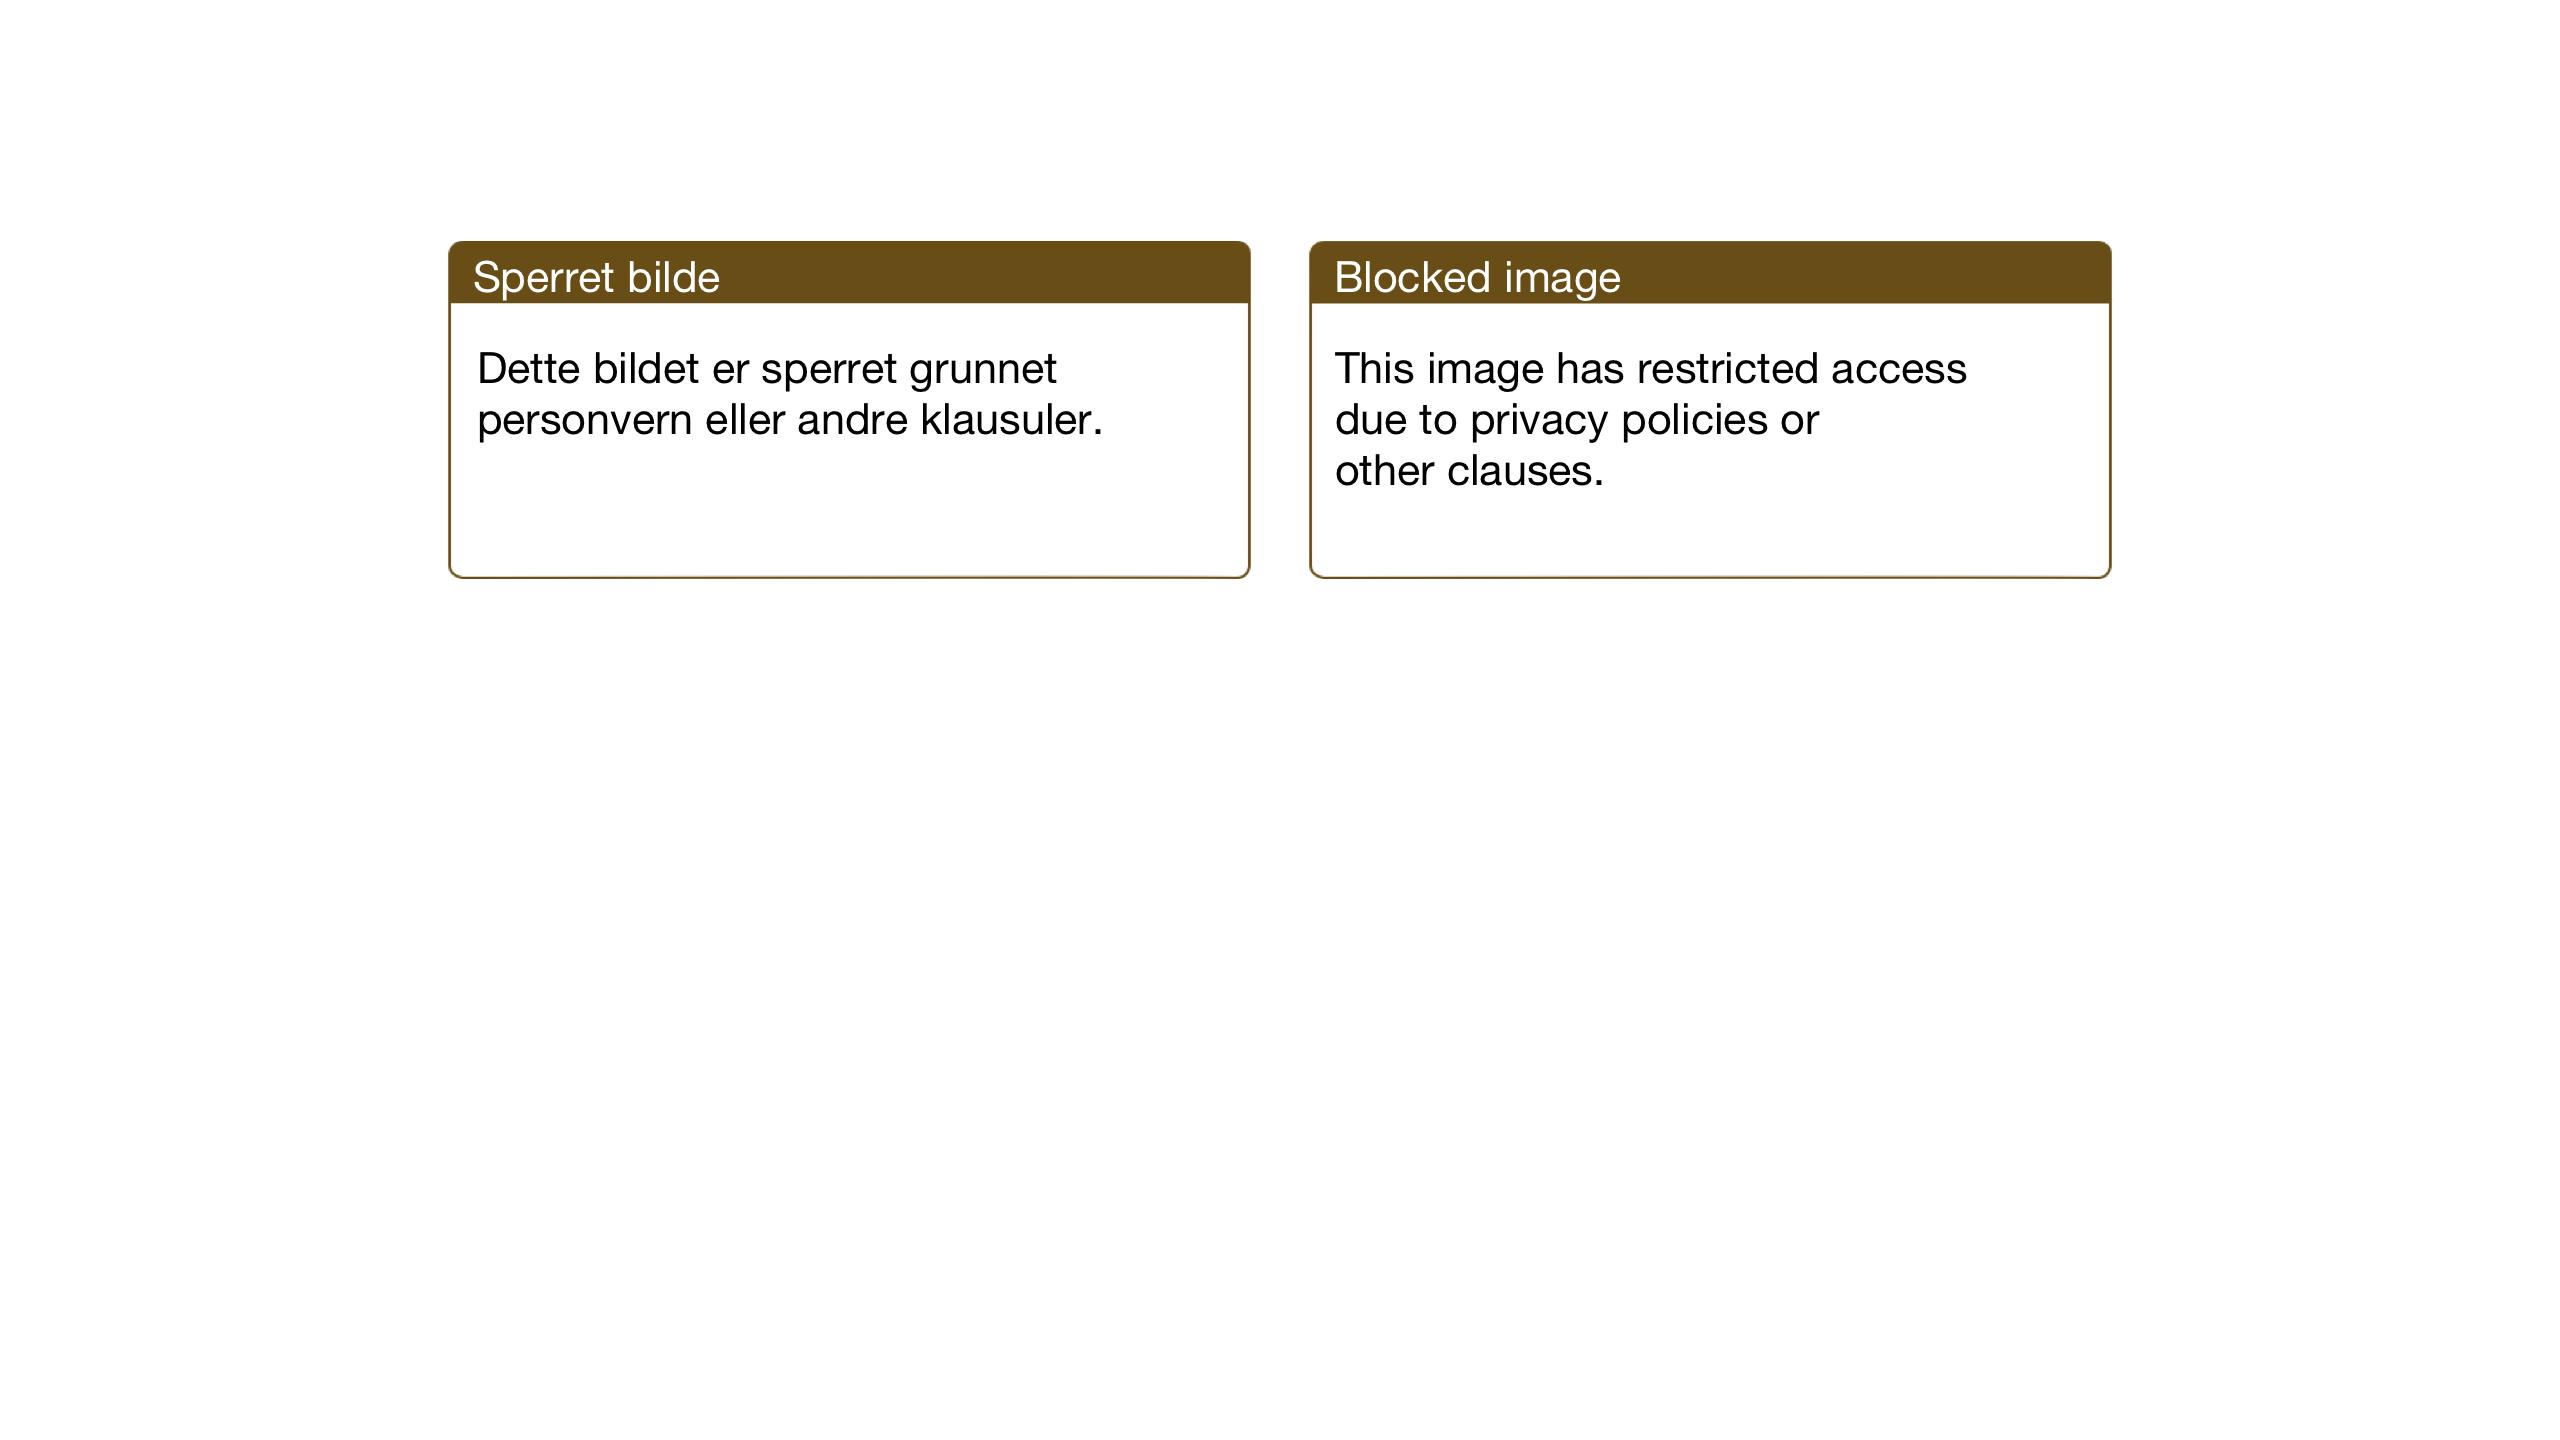 SAT, Ministerialprotokoller, klokkerbøker og fødselsregistre - Sør-Trøndelag, 602/L0151: Klokkerbok nr. 602C19, 1925-1951, s. 128